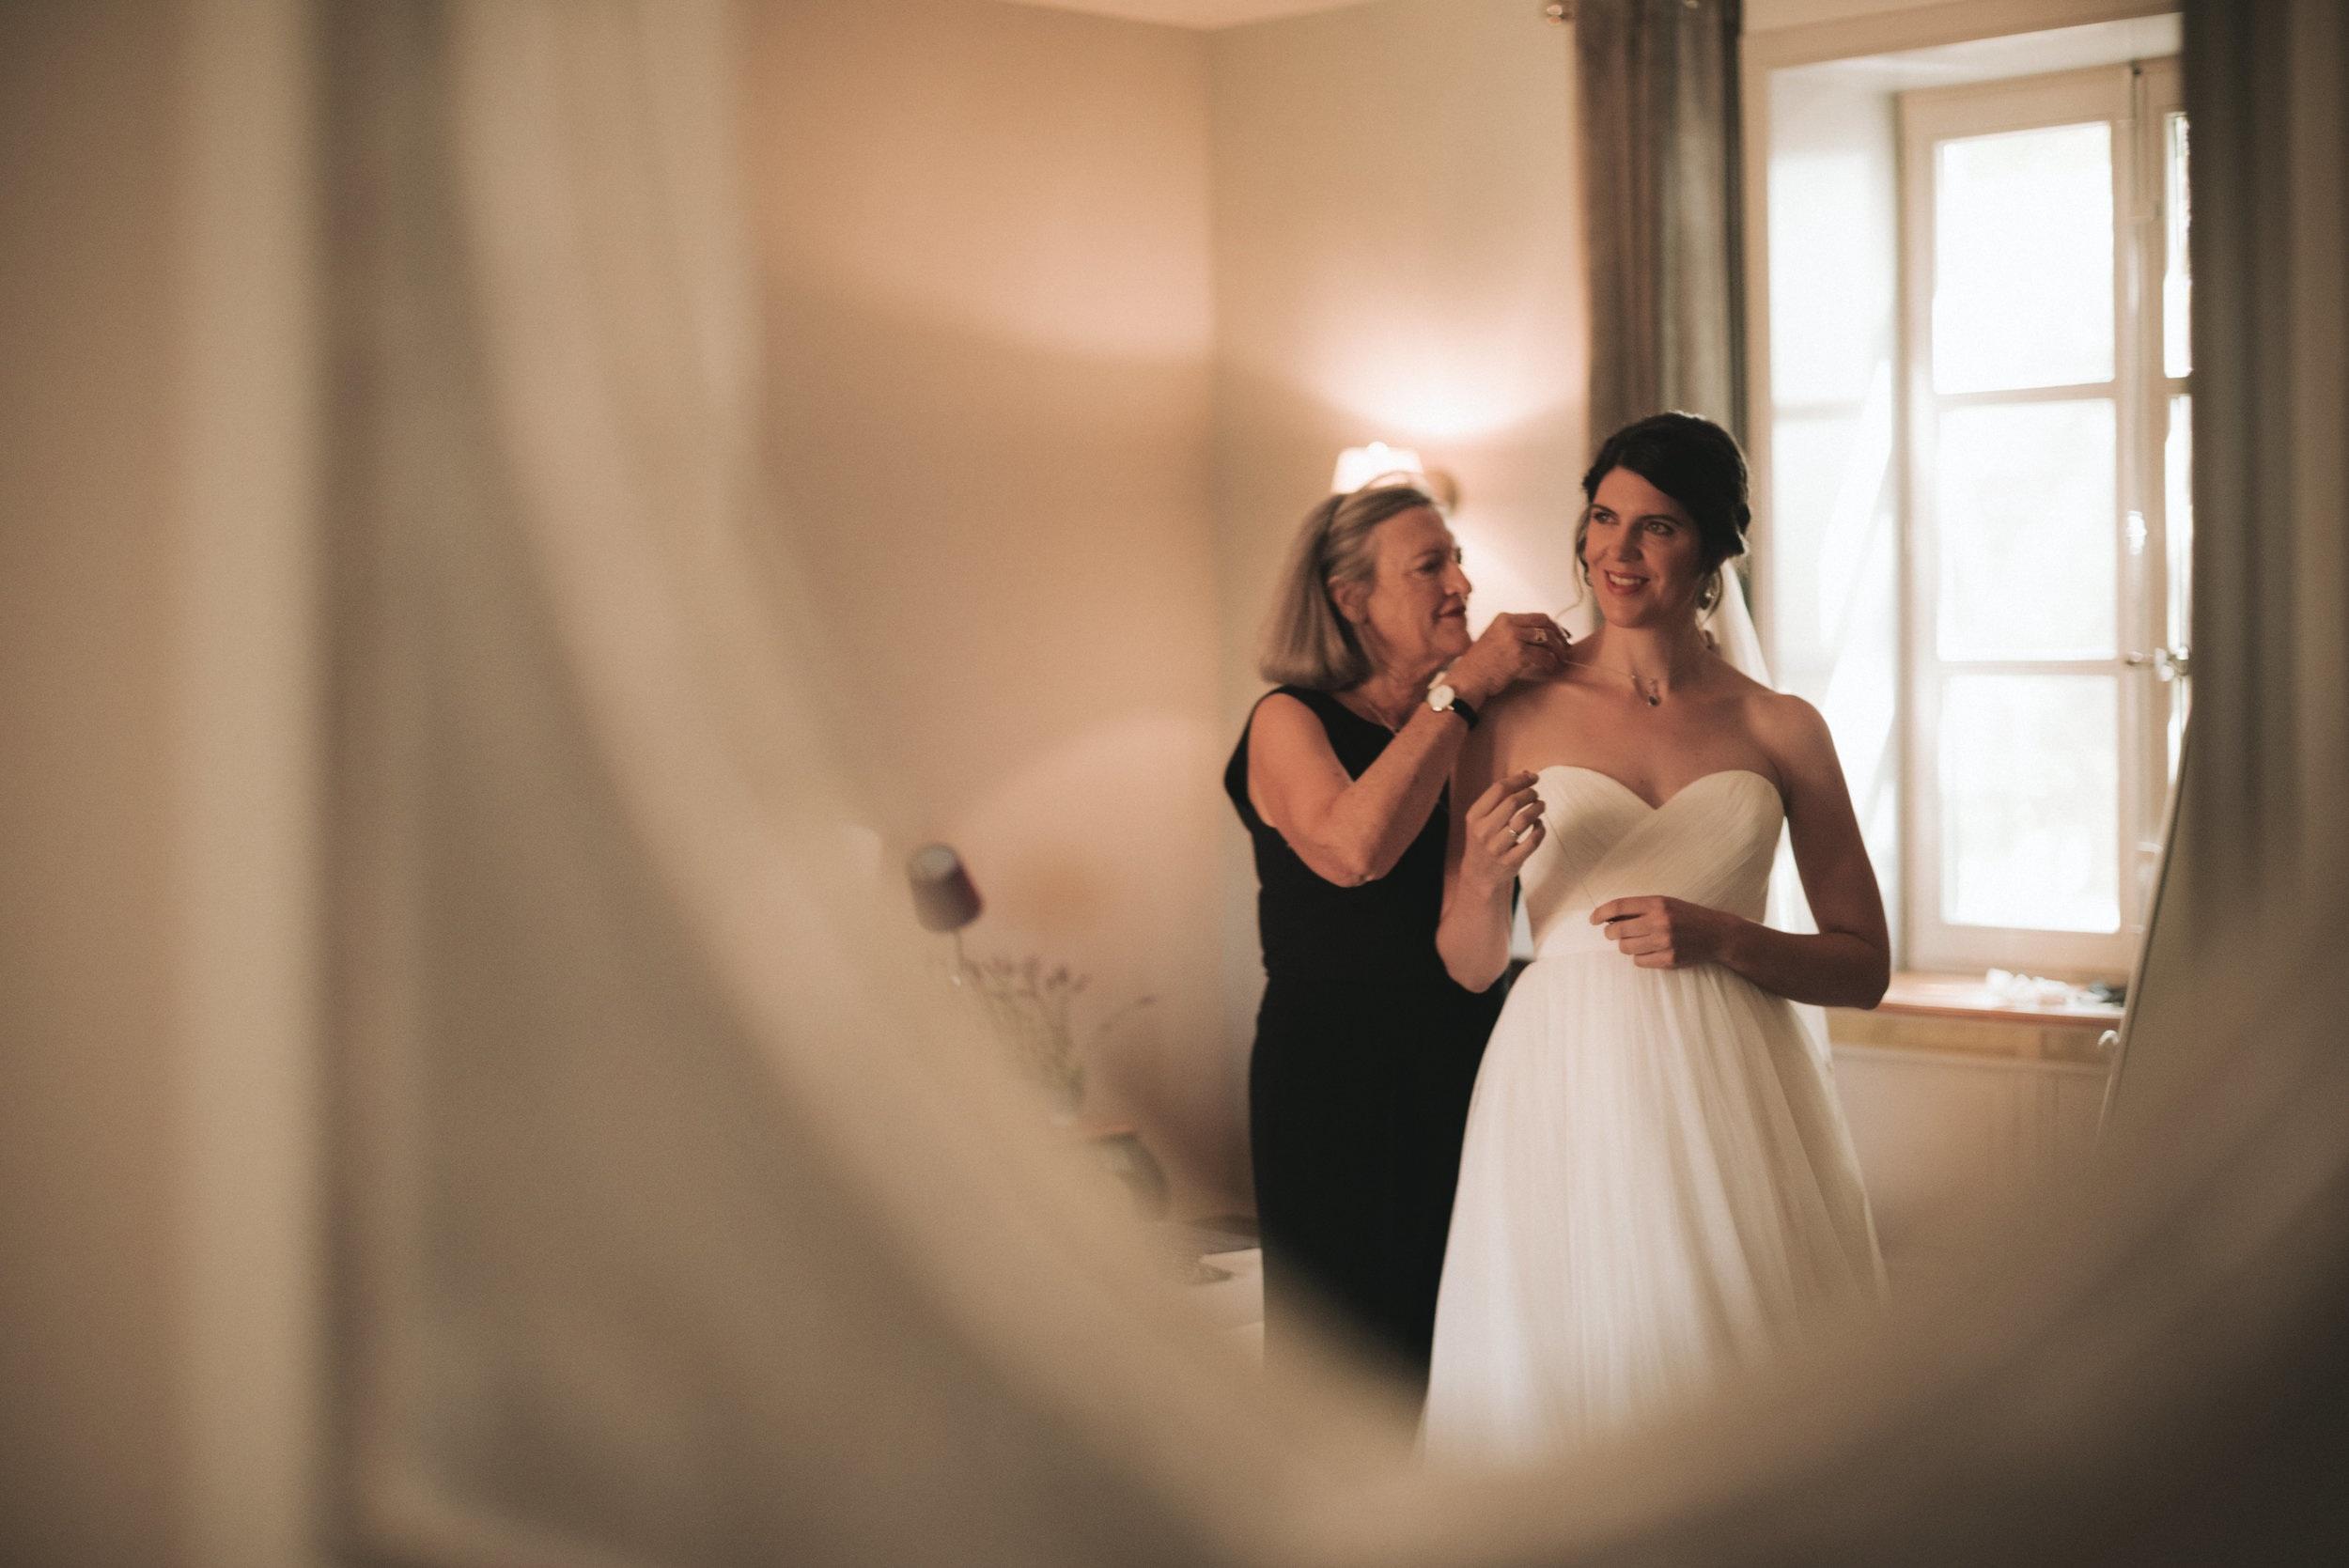 Léa-Fery-photographe-professionnel-lyon-rhone-alpes-portrait-creation-mariage-evenement-evenementiel-famille-8416.jpg